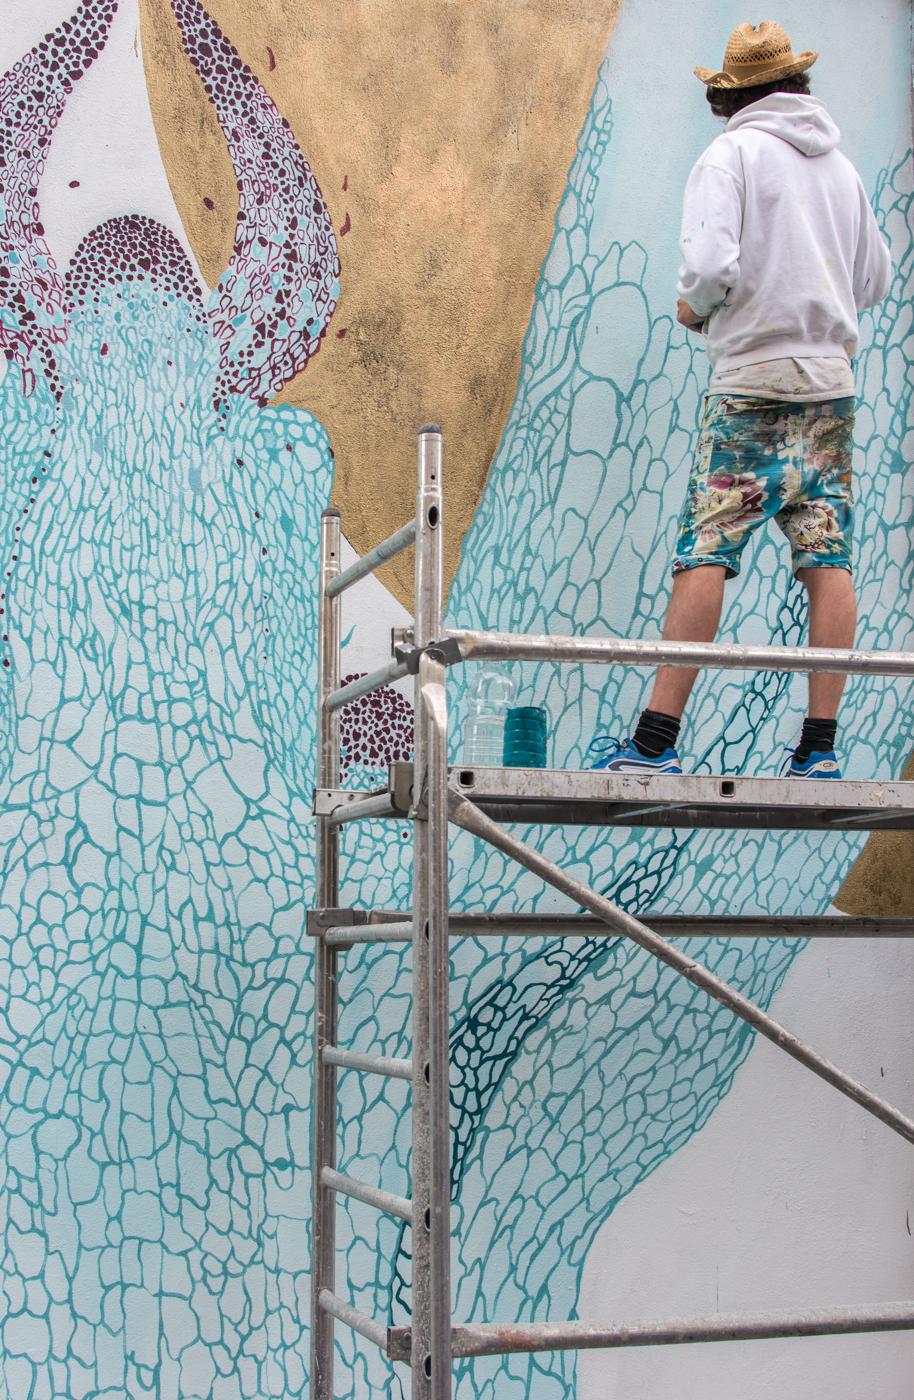 Gola proceso - MurosTabacalera by Guillermo de la Madrid - Madrid Street Art Project -42.jpg